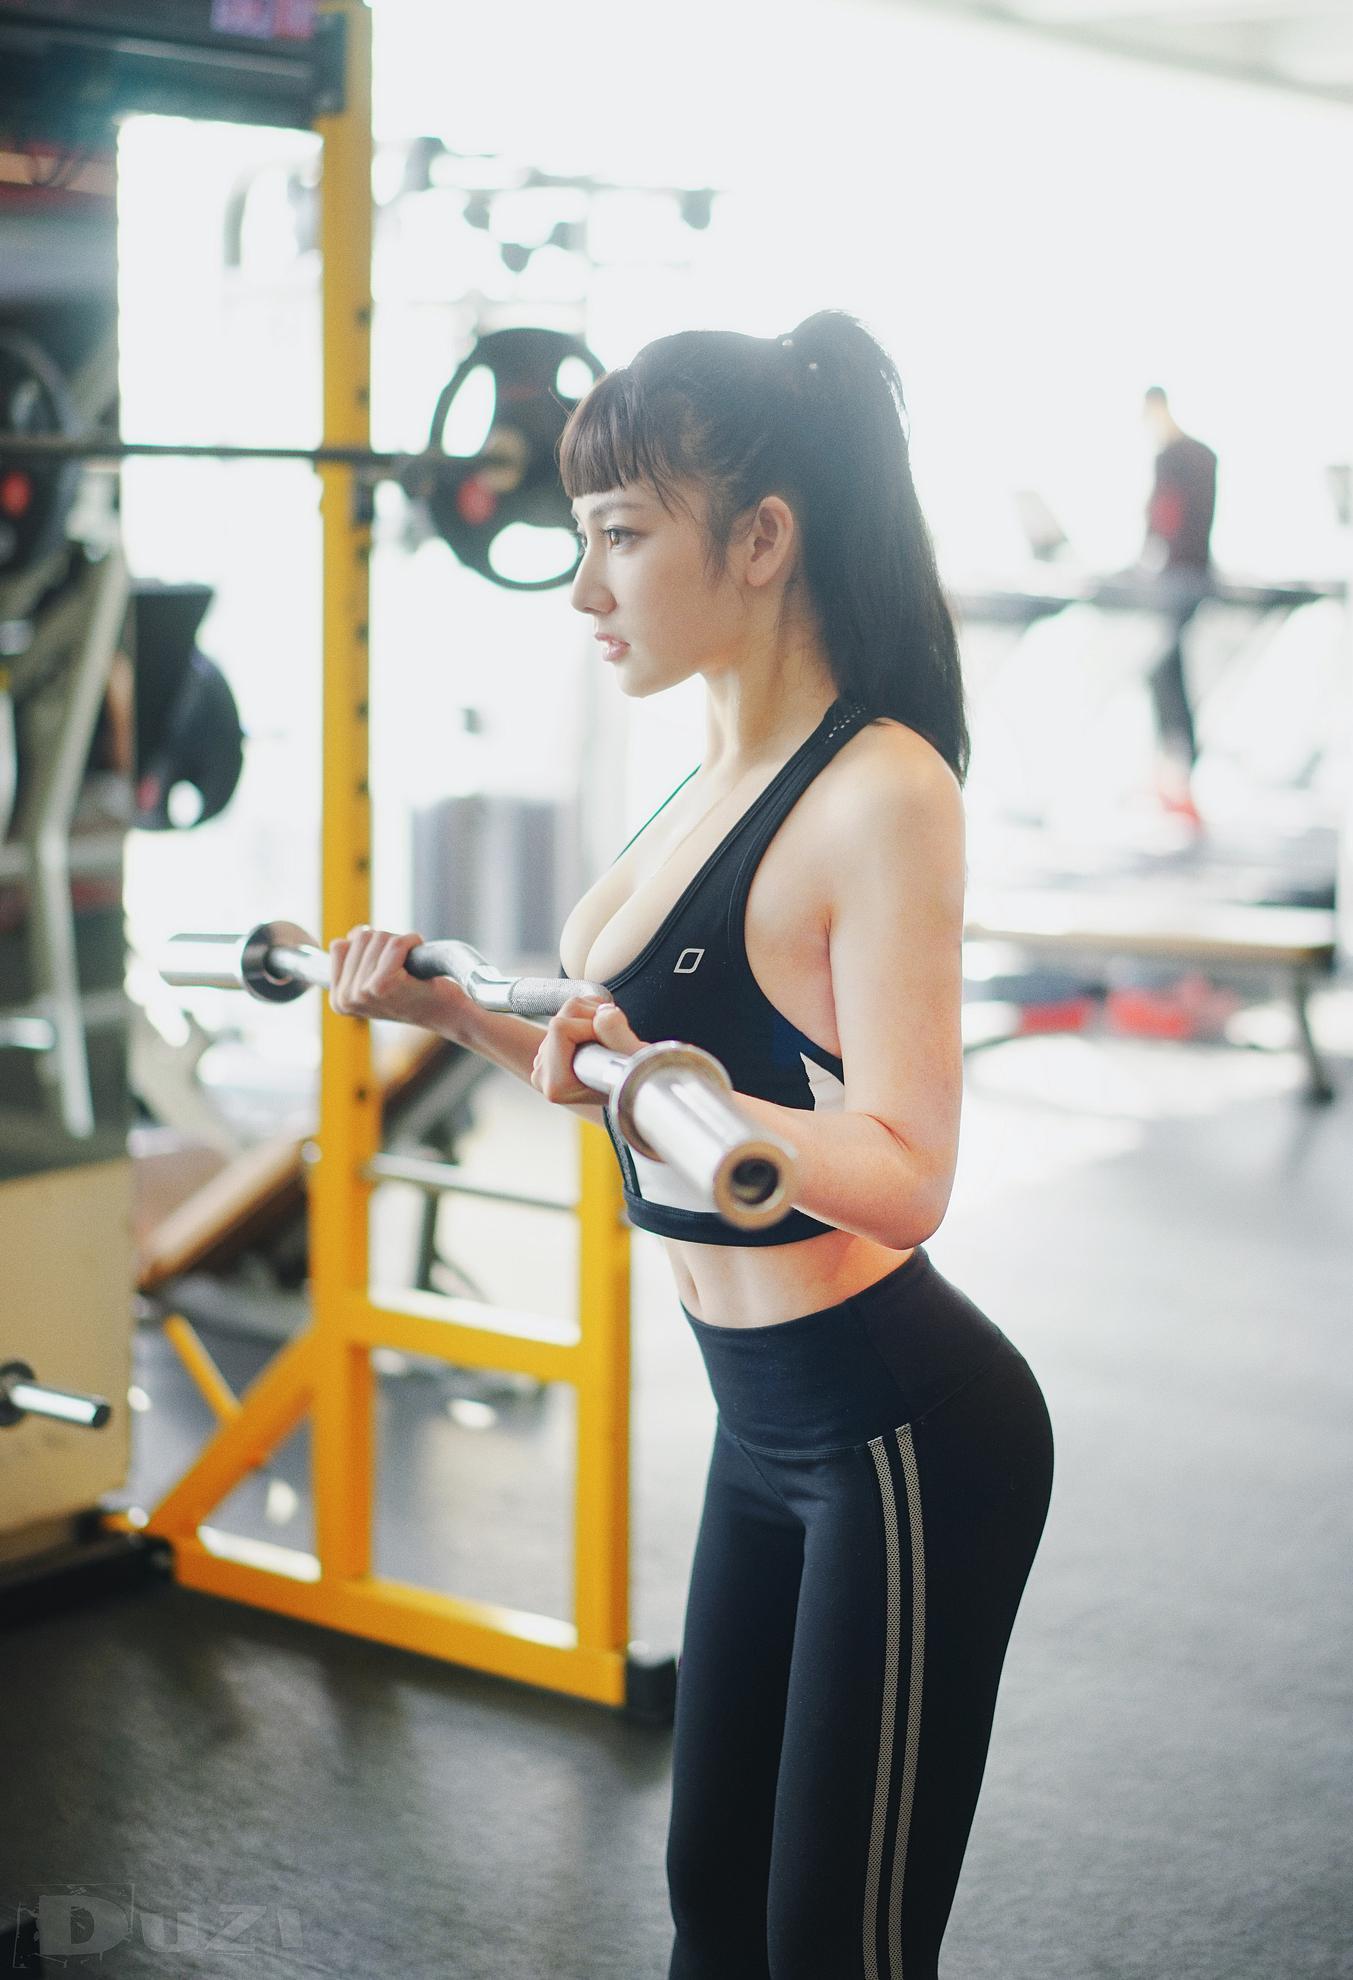 美女艺人健身房内火辣健身照曝光